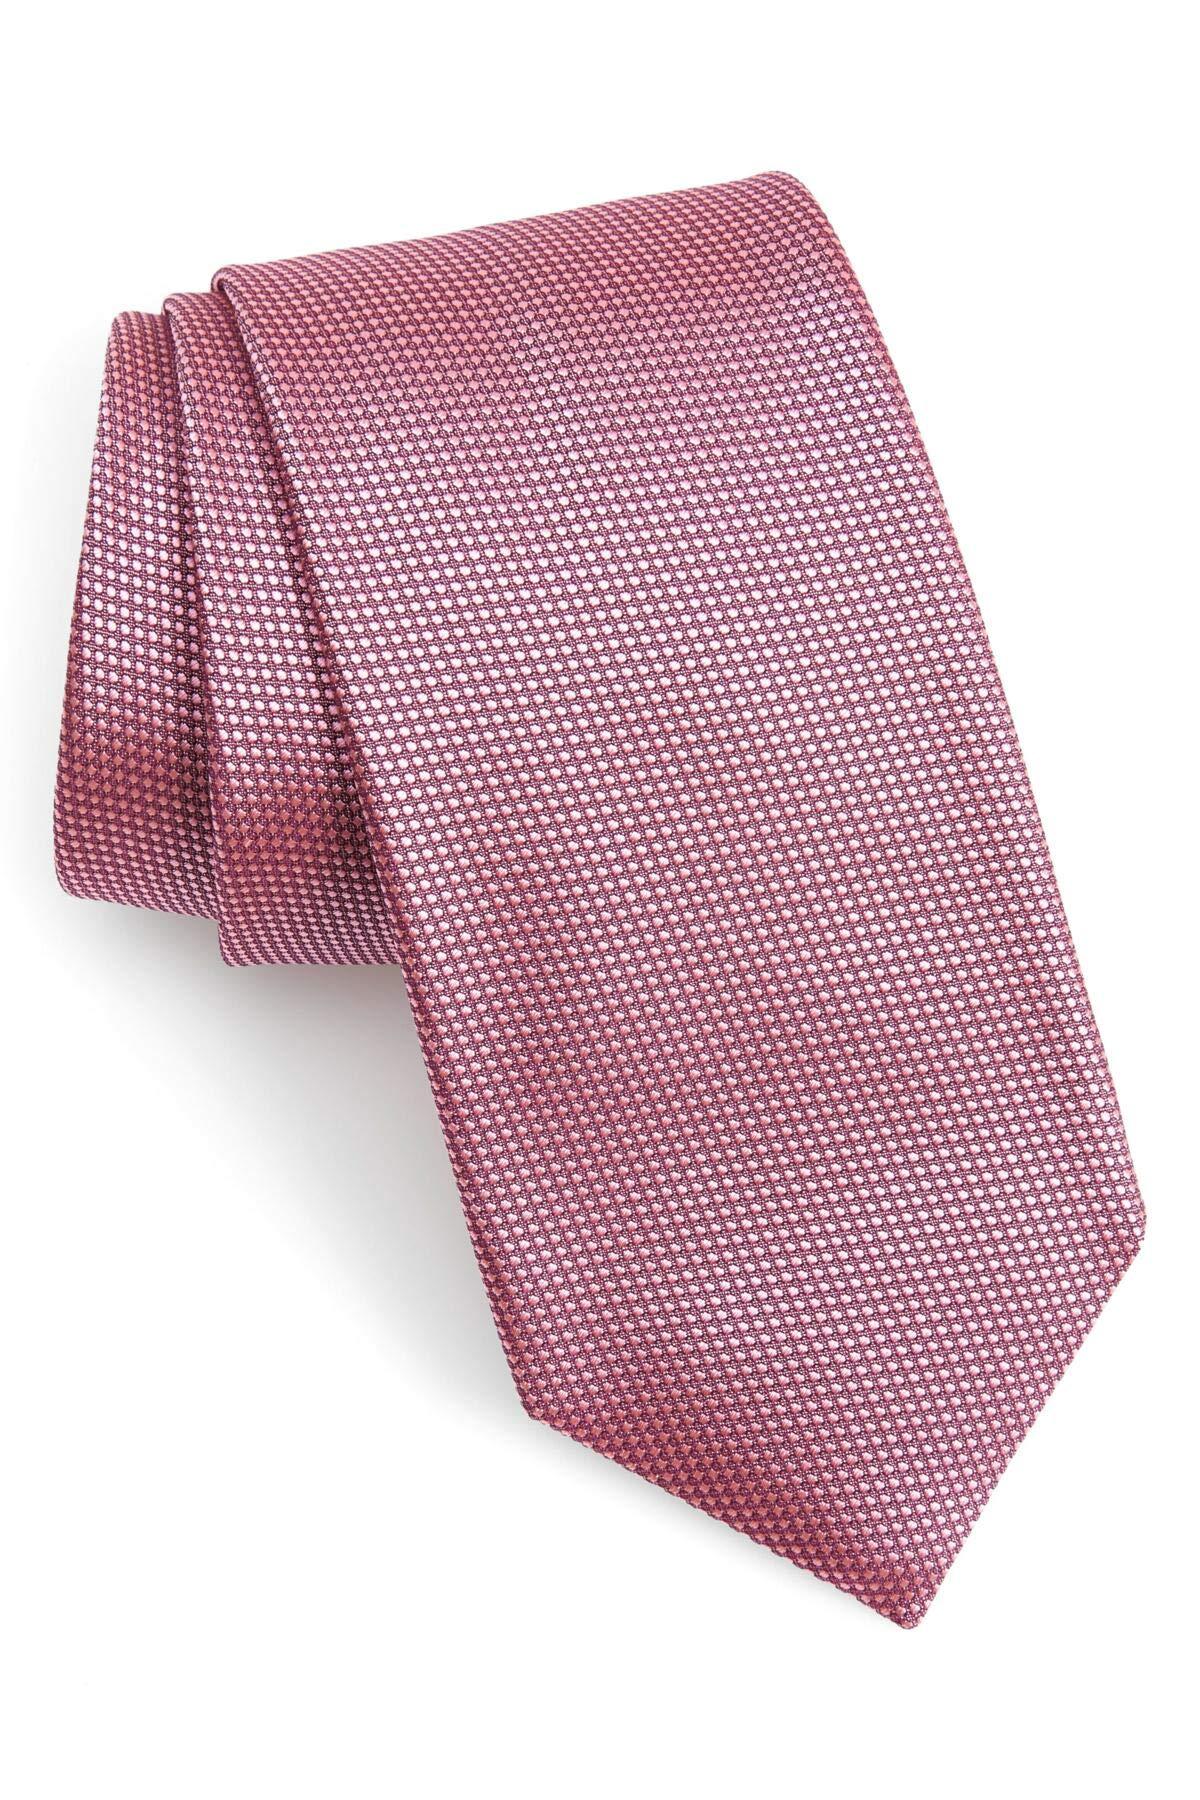 Hugo Boss Microdot Textured Woven Italian Silk Tie, Pastel Pink 50390062